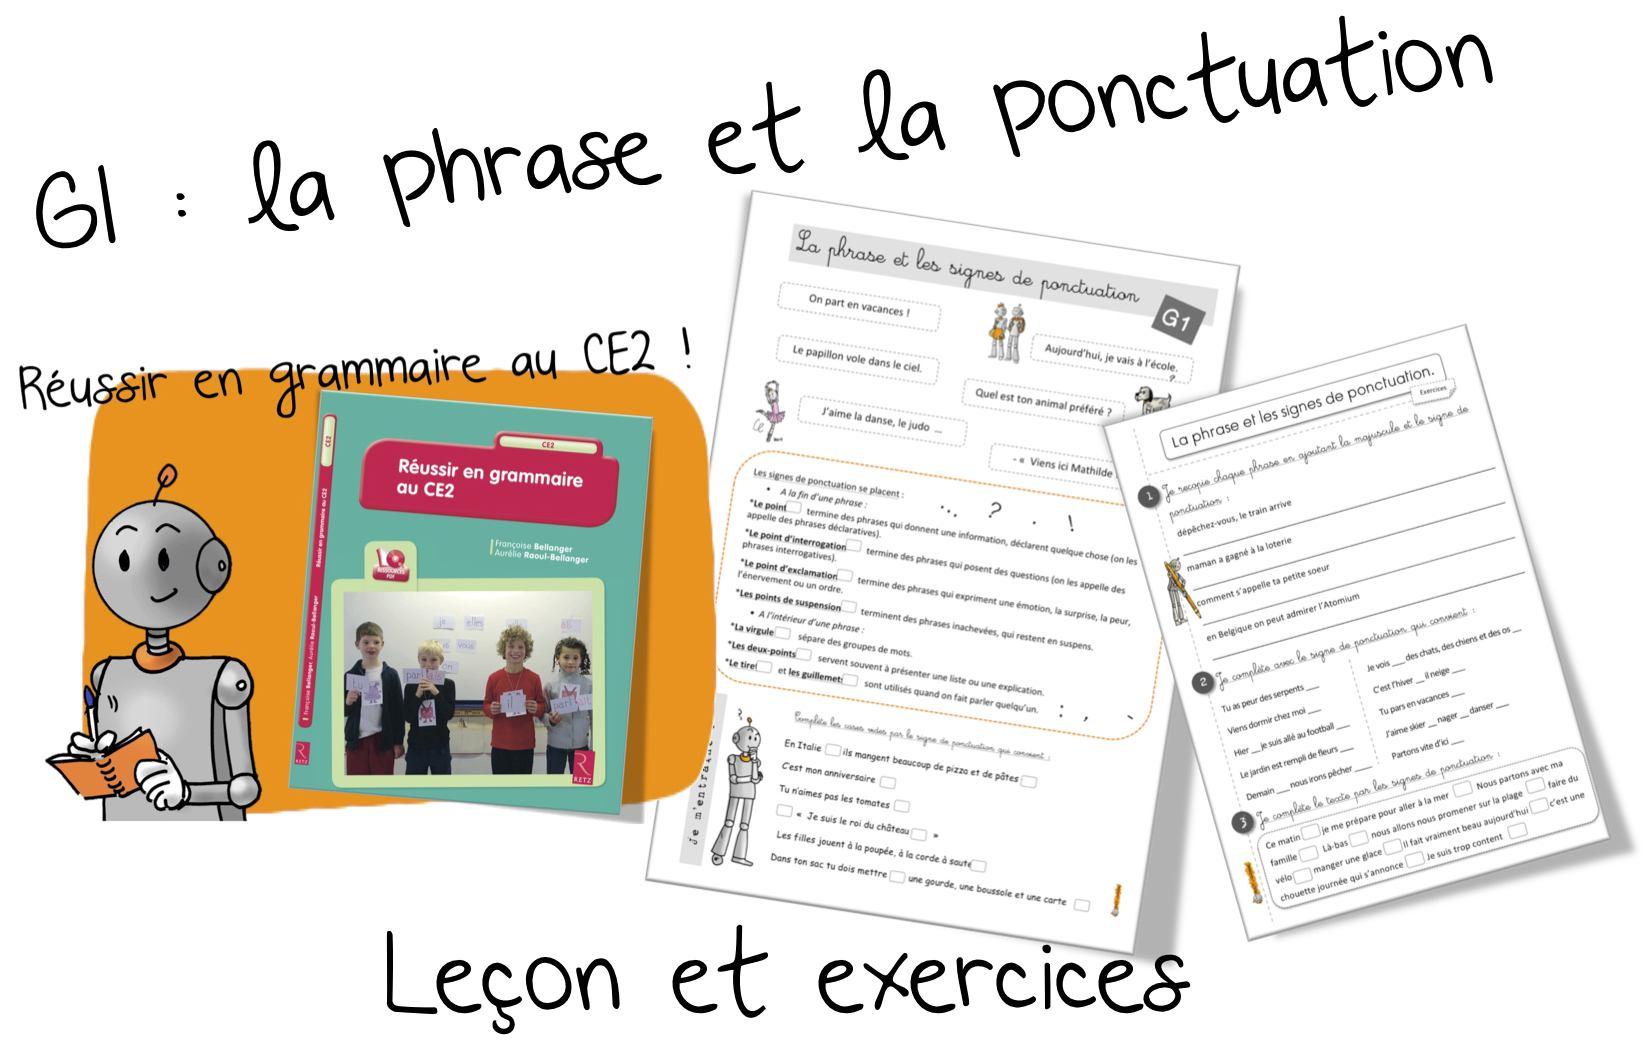 Reussir En Grammaire Au Ce2 : G1 La Phrase Et La Ponctuation tout Cours Ce2 A Imprimer